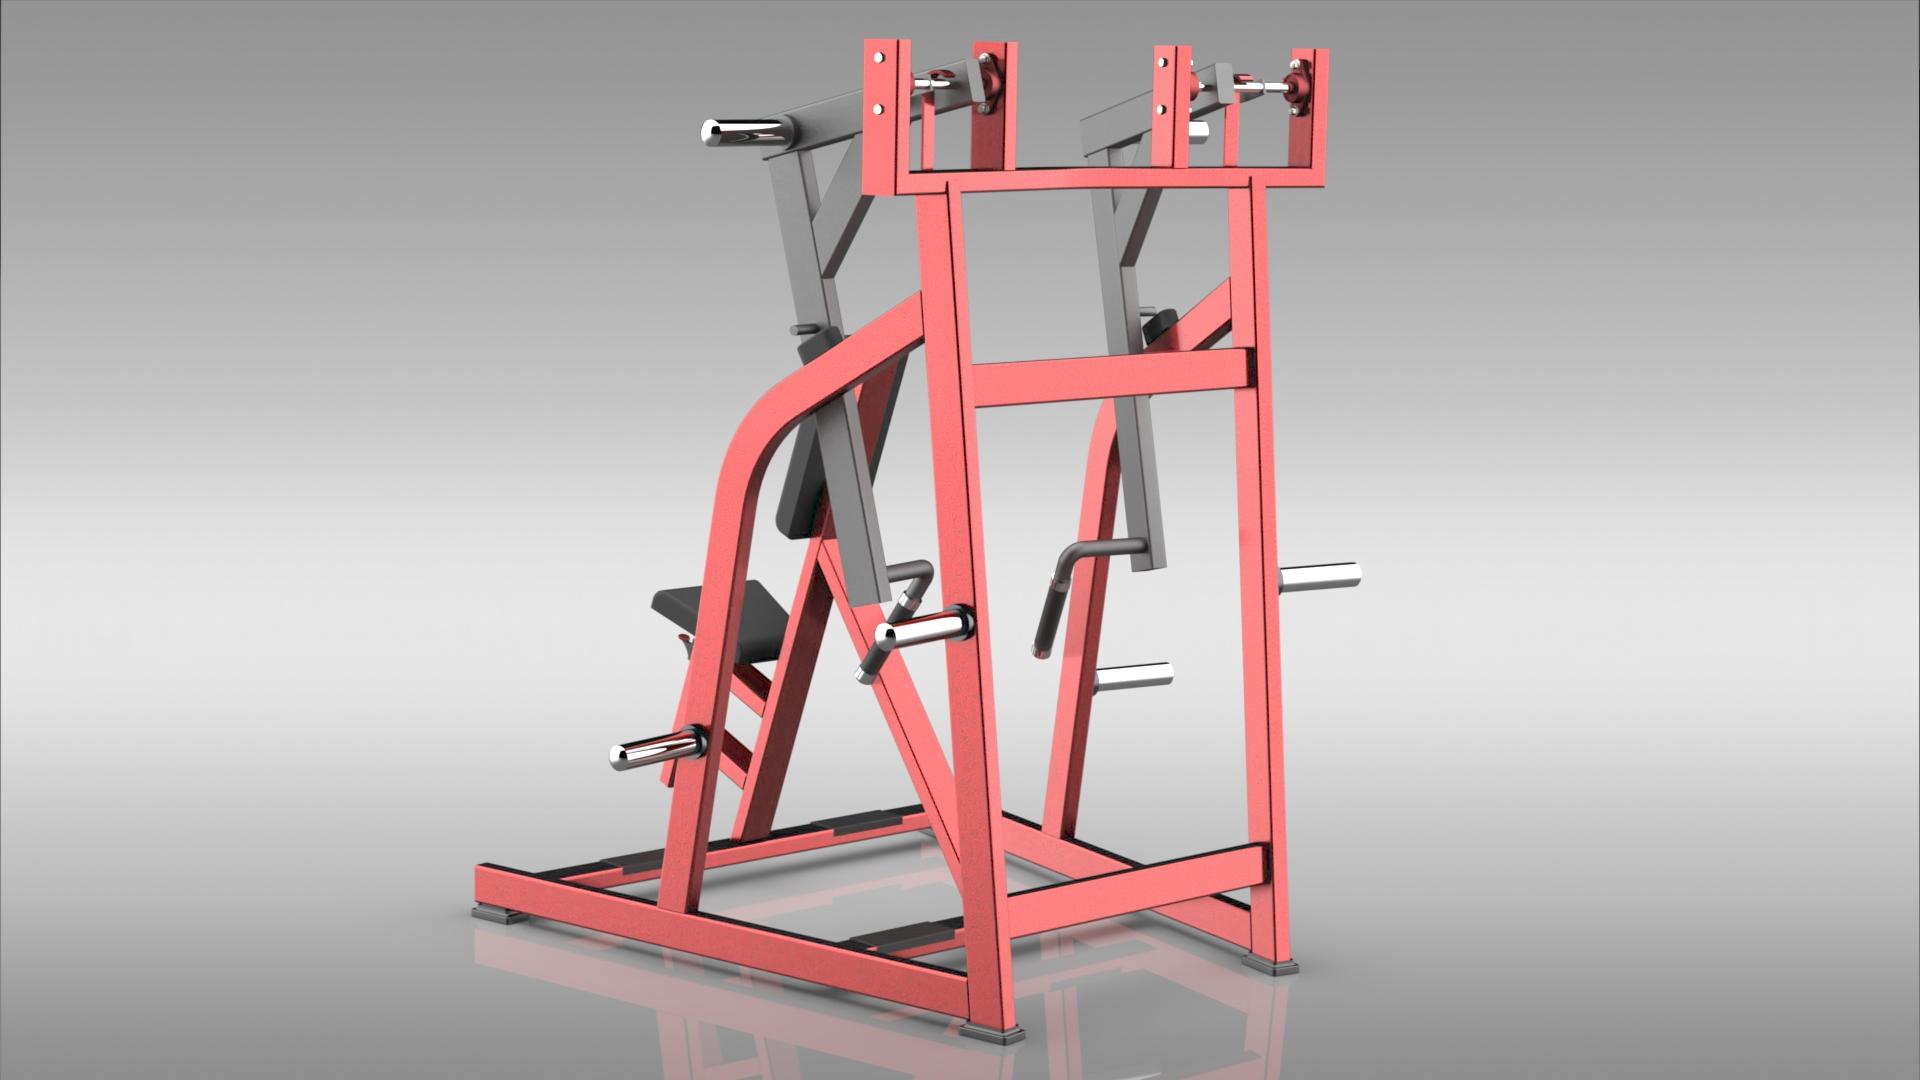 let row健身设备3D数模图纸 STEP格式